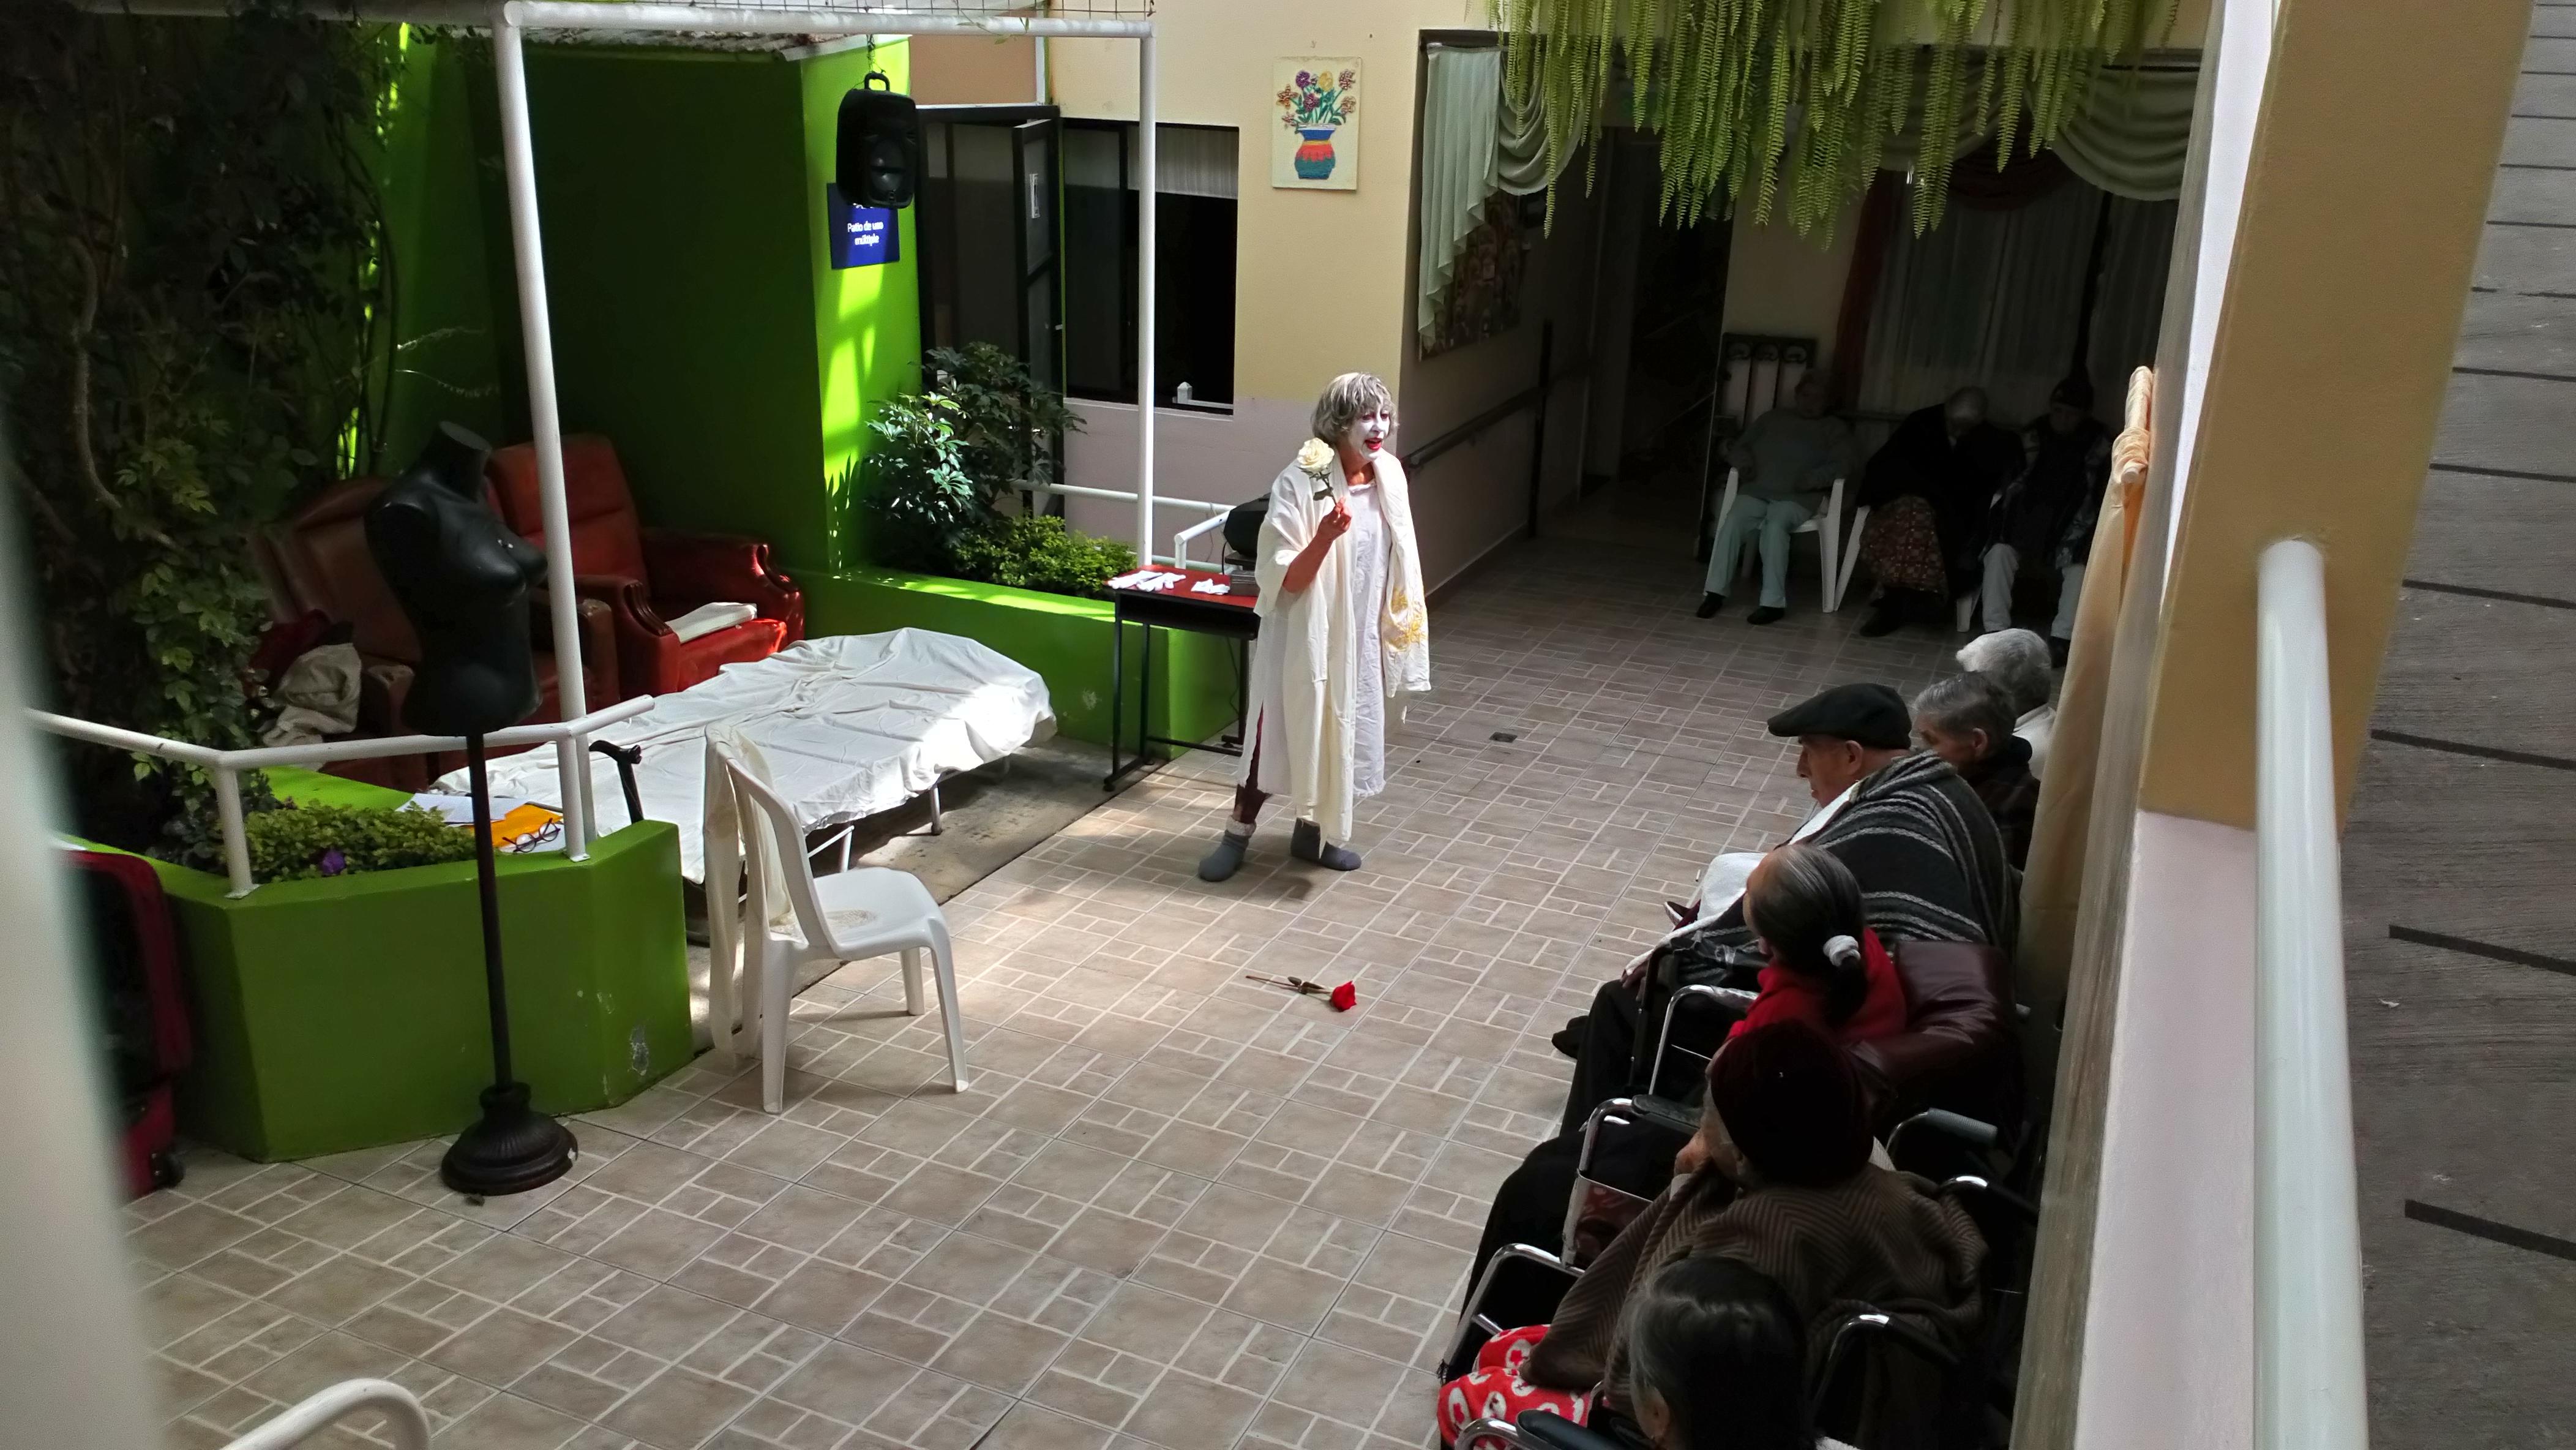 Geriátrico San Andrés - Cuenca - 11.12.19